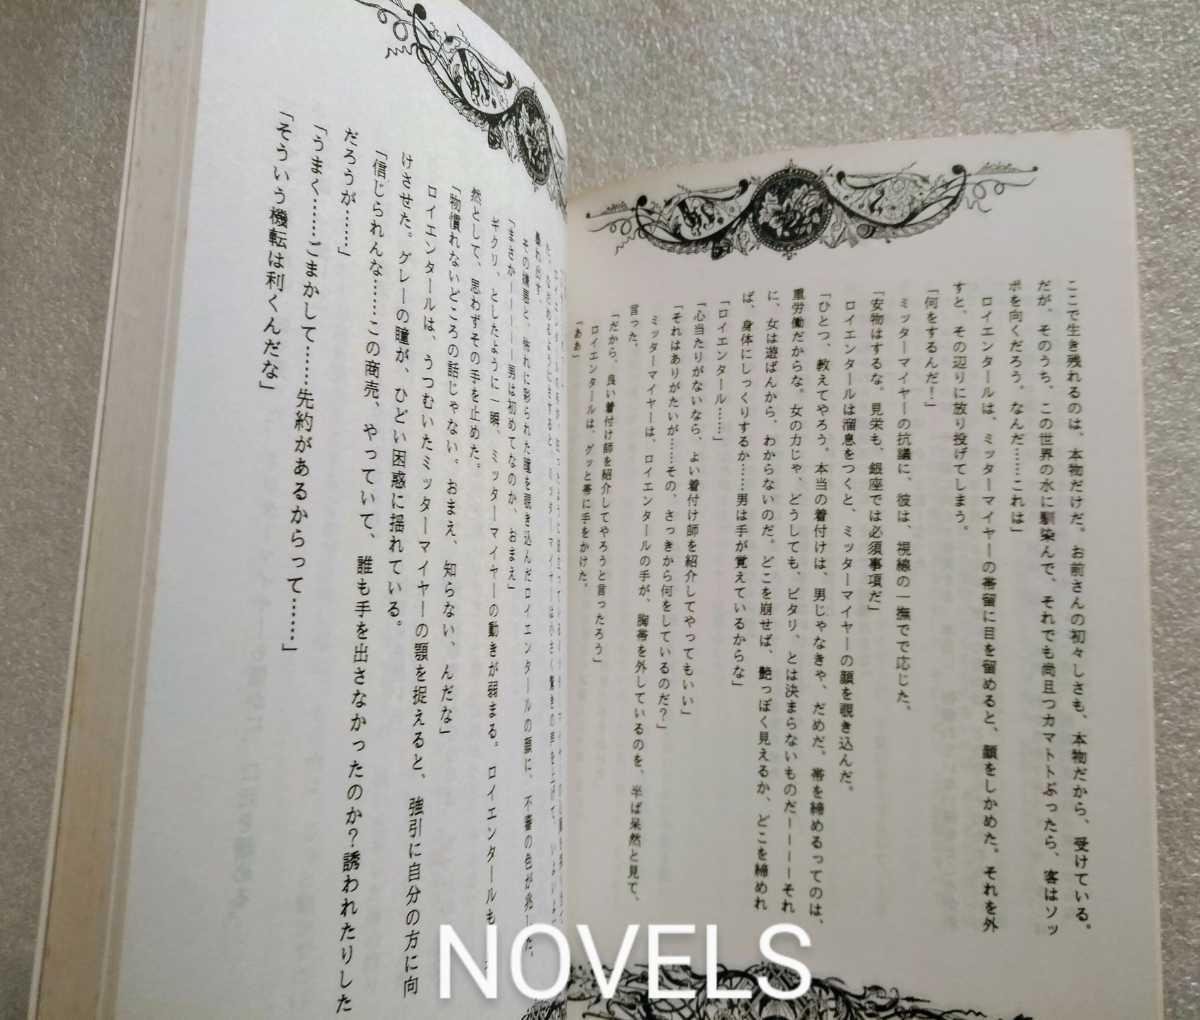 銀座英雄伝説 PERFECT VERSION 松ゆたこ 水木一子 1991年4月29日 116ページ カップリングは双璧&シェーンコップ・ヤン